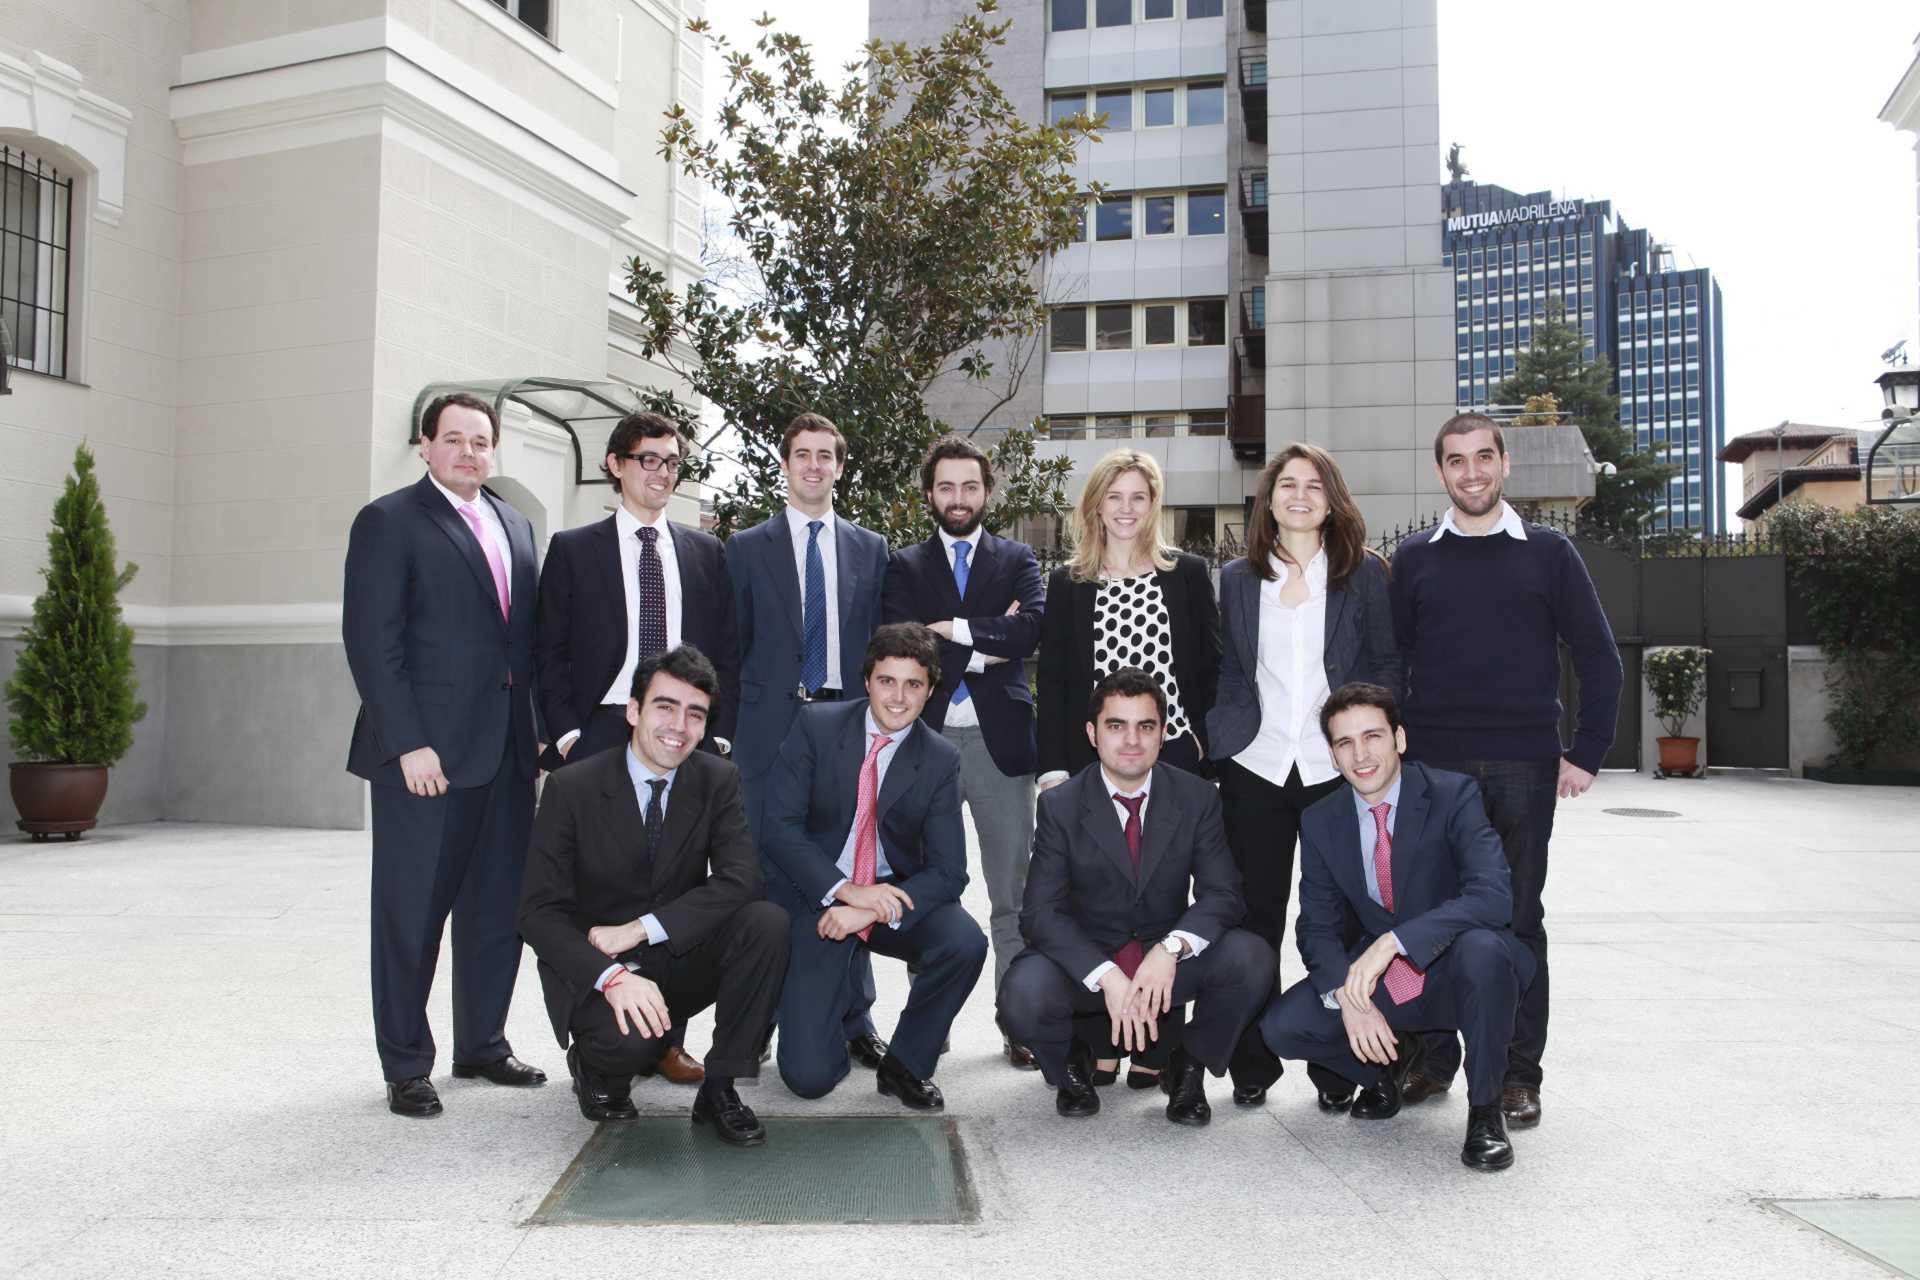 La Fundación Rafael del Pino reúne a sus becarios el día 12 de Marzo de 2013 en Madrid.